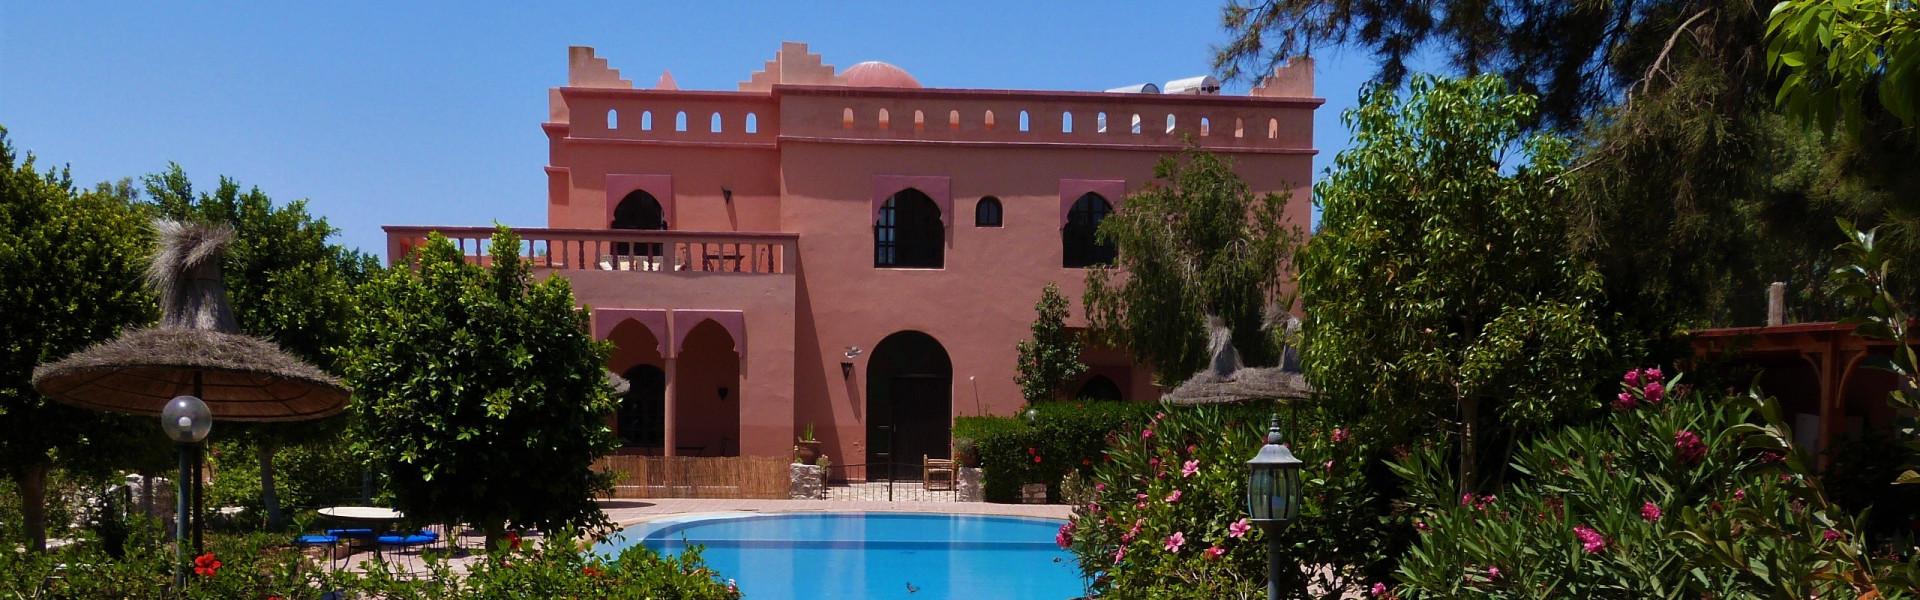 Main image ofSéjour Yoga & Detox à Essaouira 30 novembre au 7 décembre